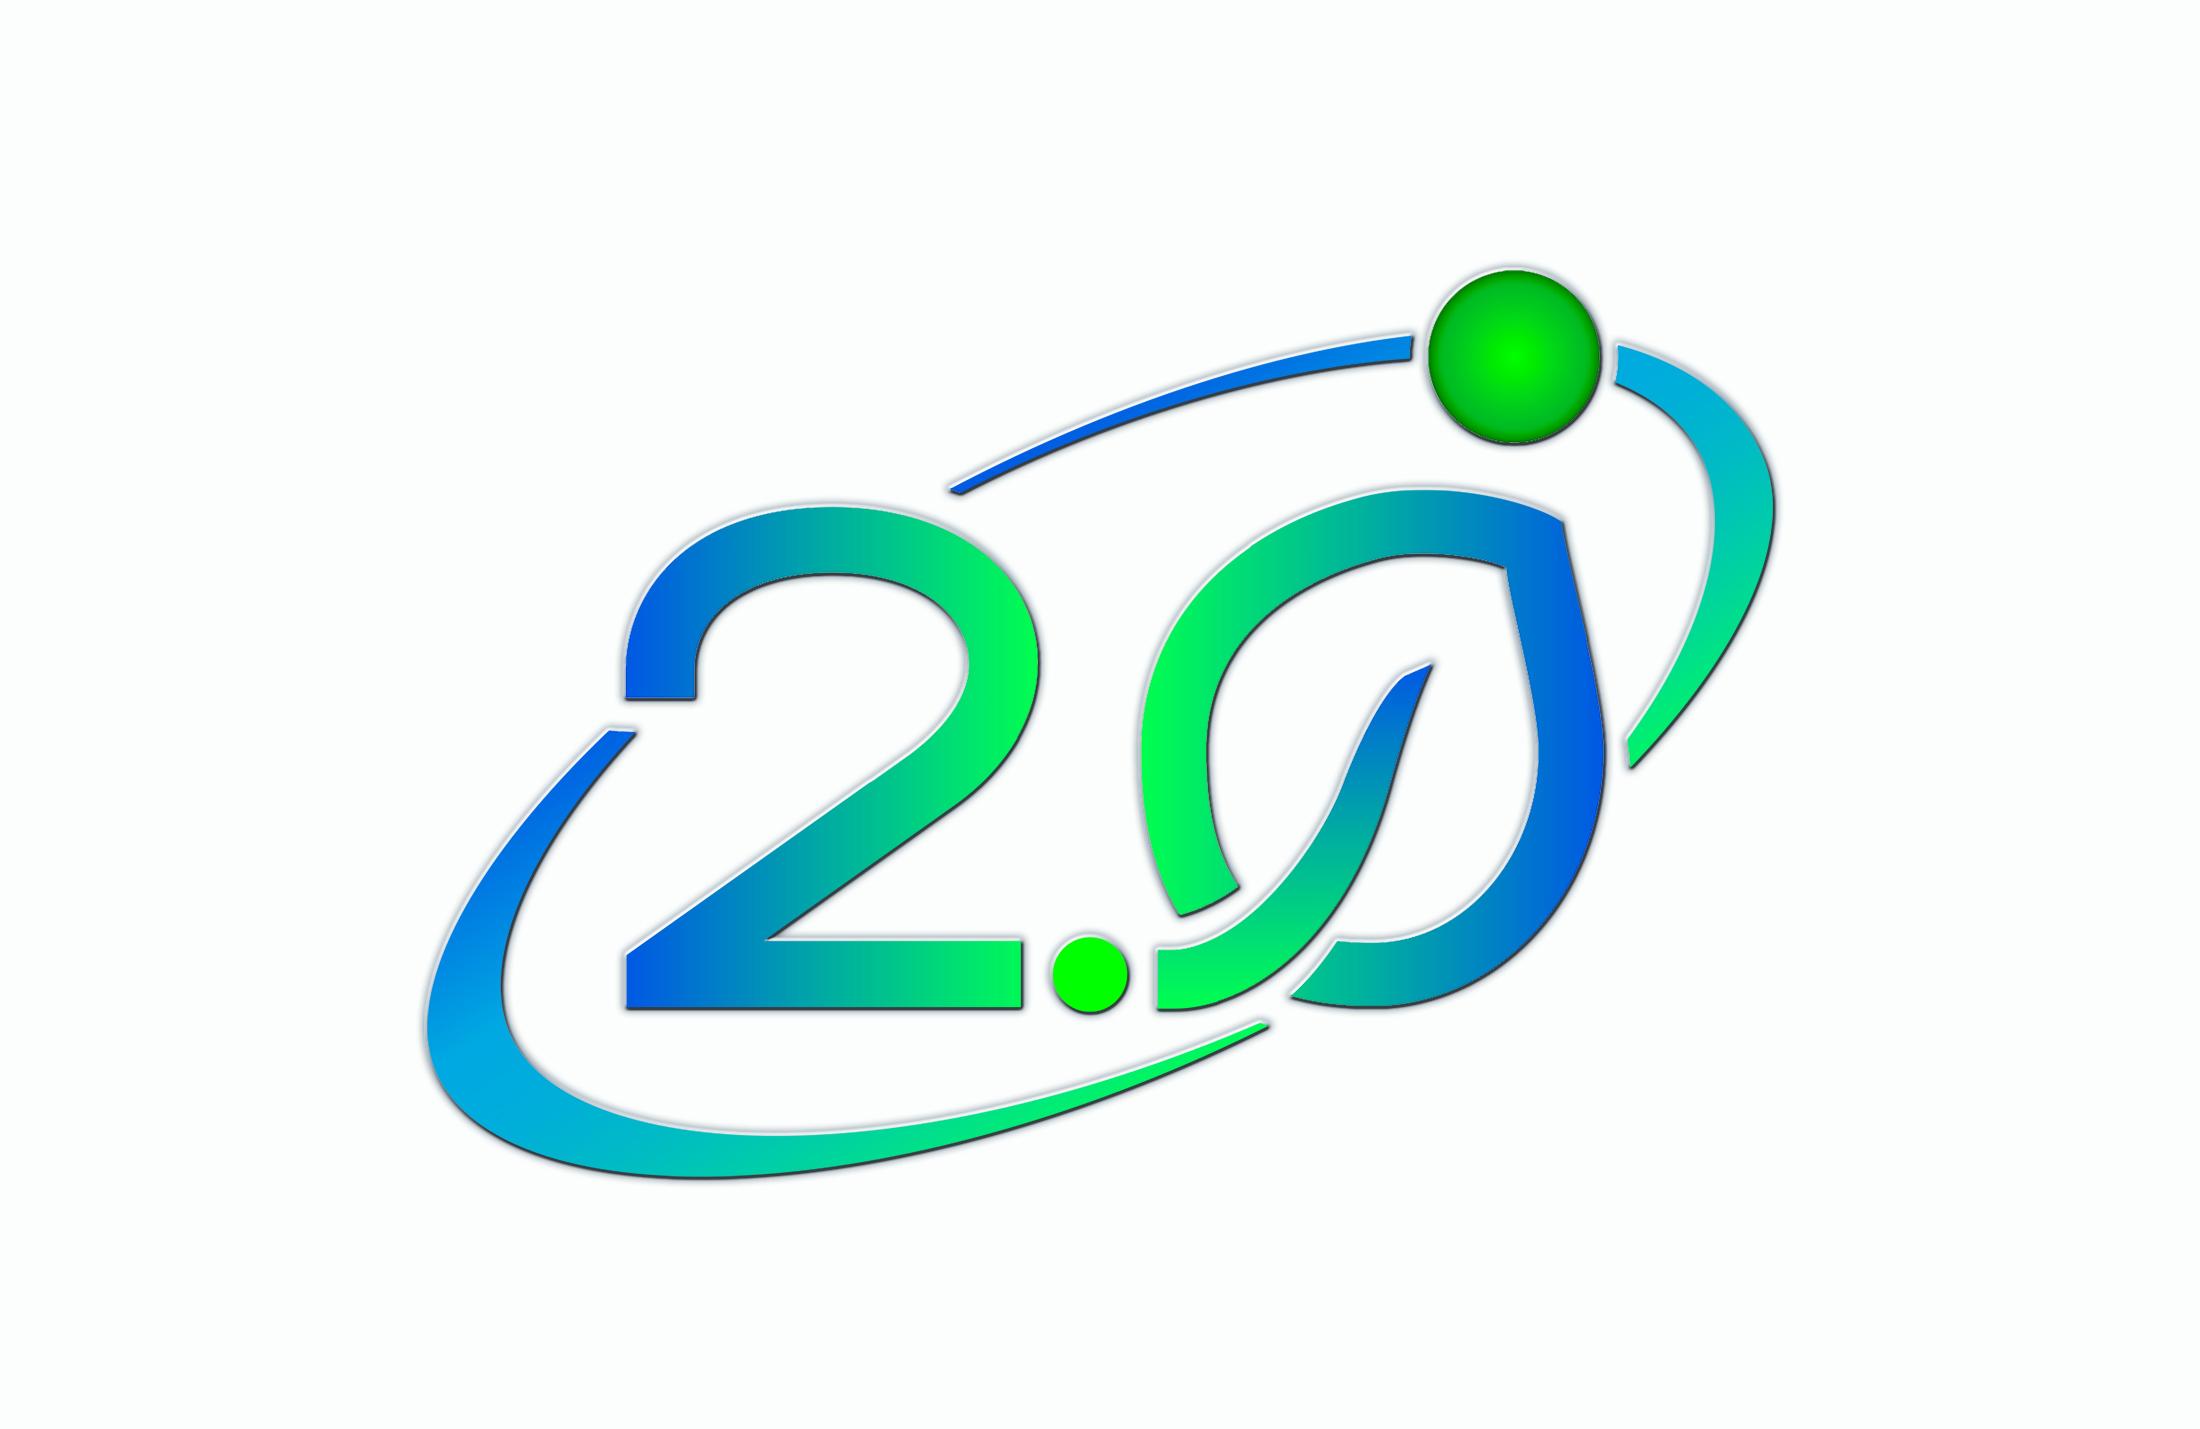 """Фирменный стиль для научного портала """"Атомная энергия 2.0"""" фото f_8365a11f07138f58.jpg"""